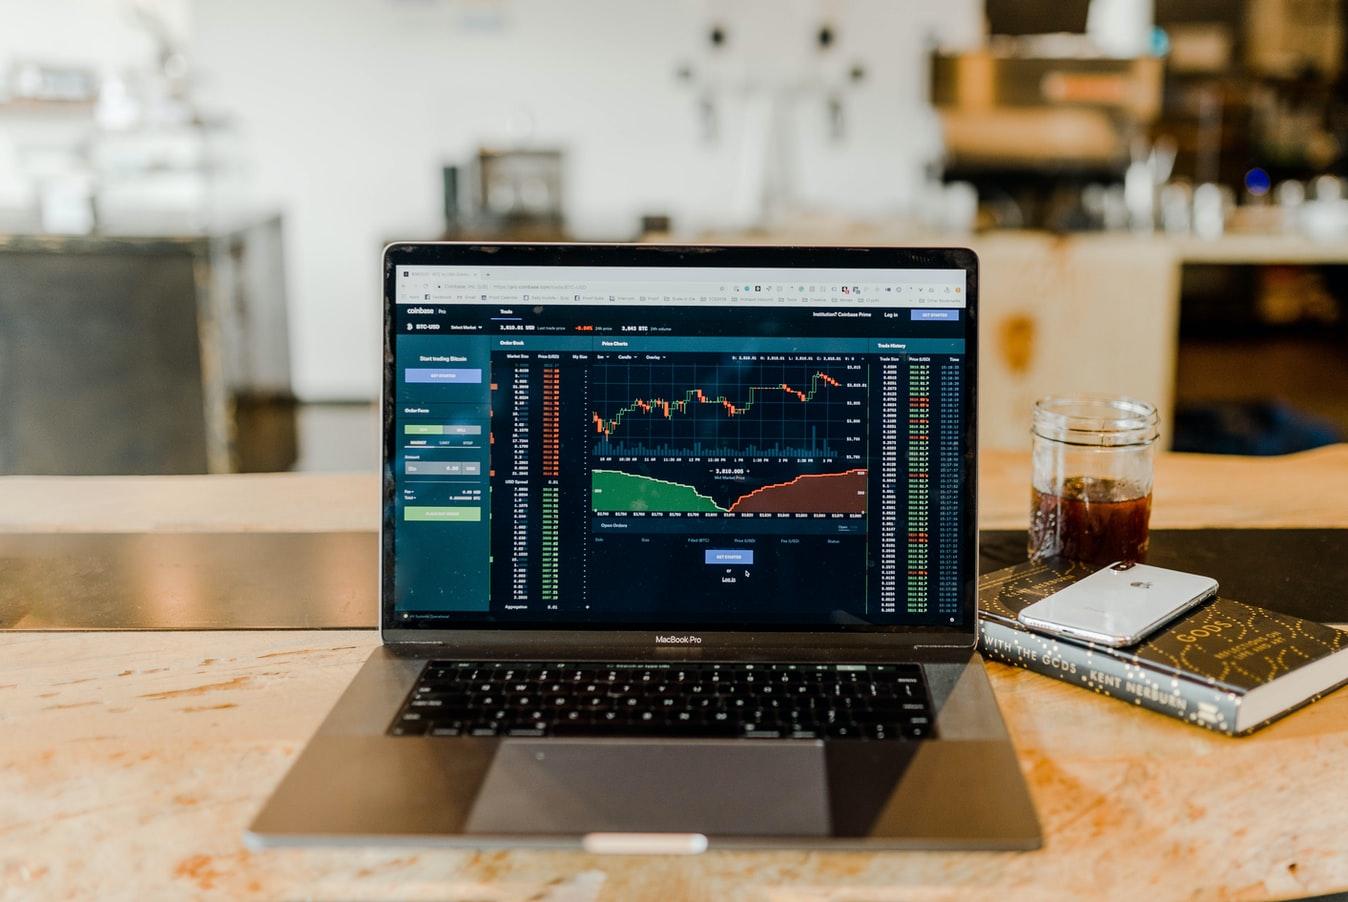 Der Aktienscreener: Warum der größte Vermögensverwalter BlackRock absolute Qualitätsmerkmale aufweist?